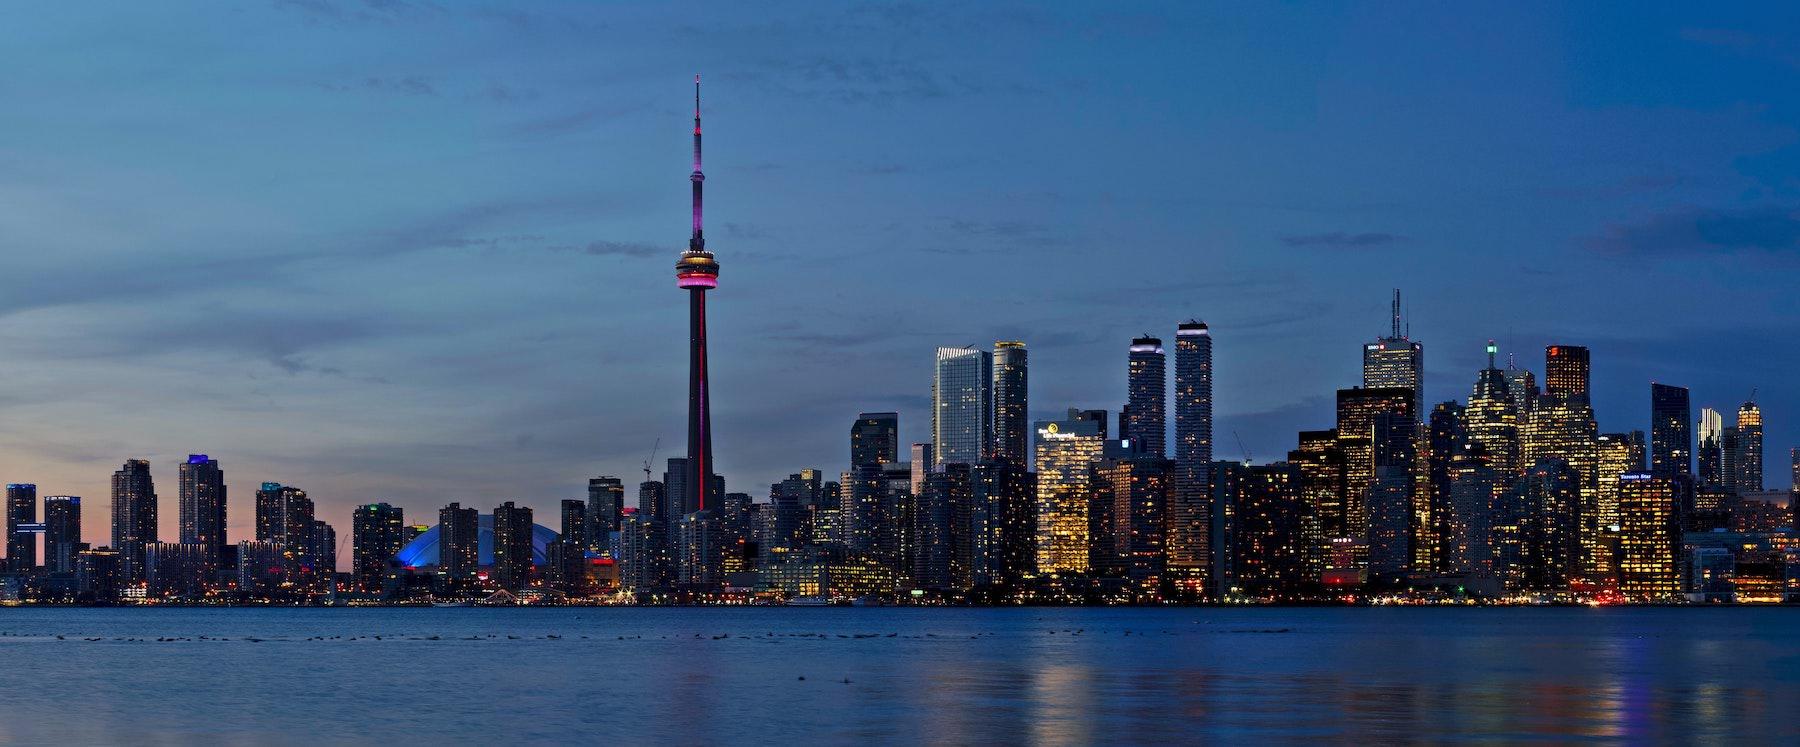 Toronto by Jochem